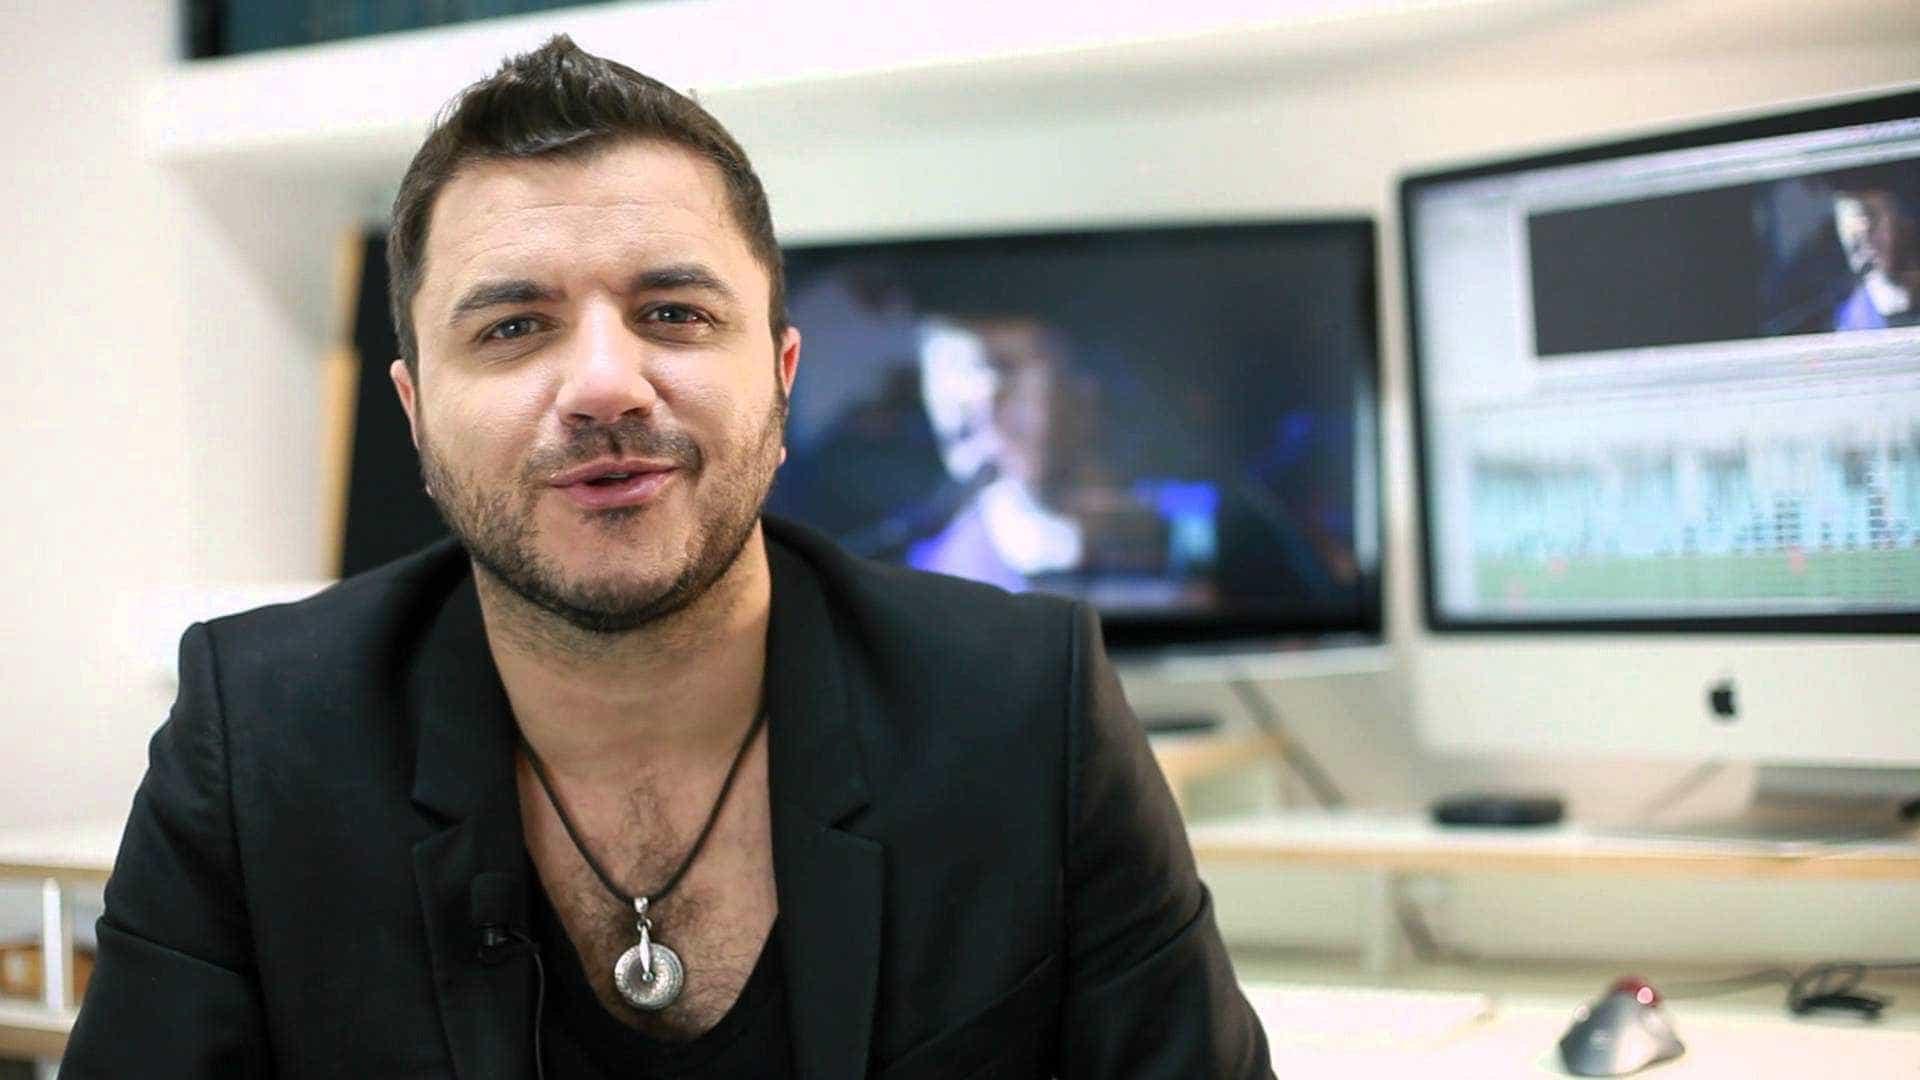 Maurício Manieri diz que relação com repórter foi prevista por vidente